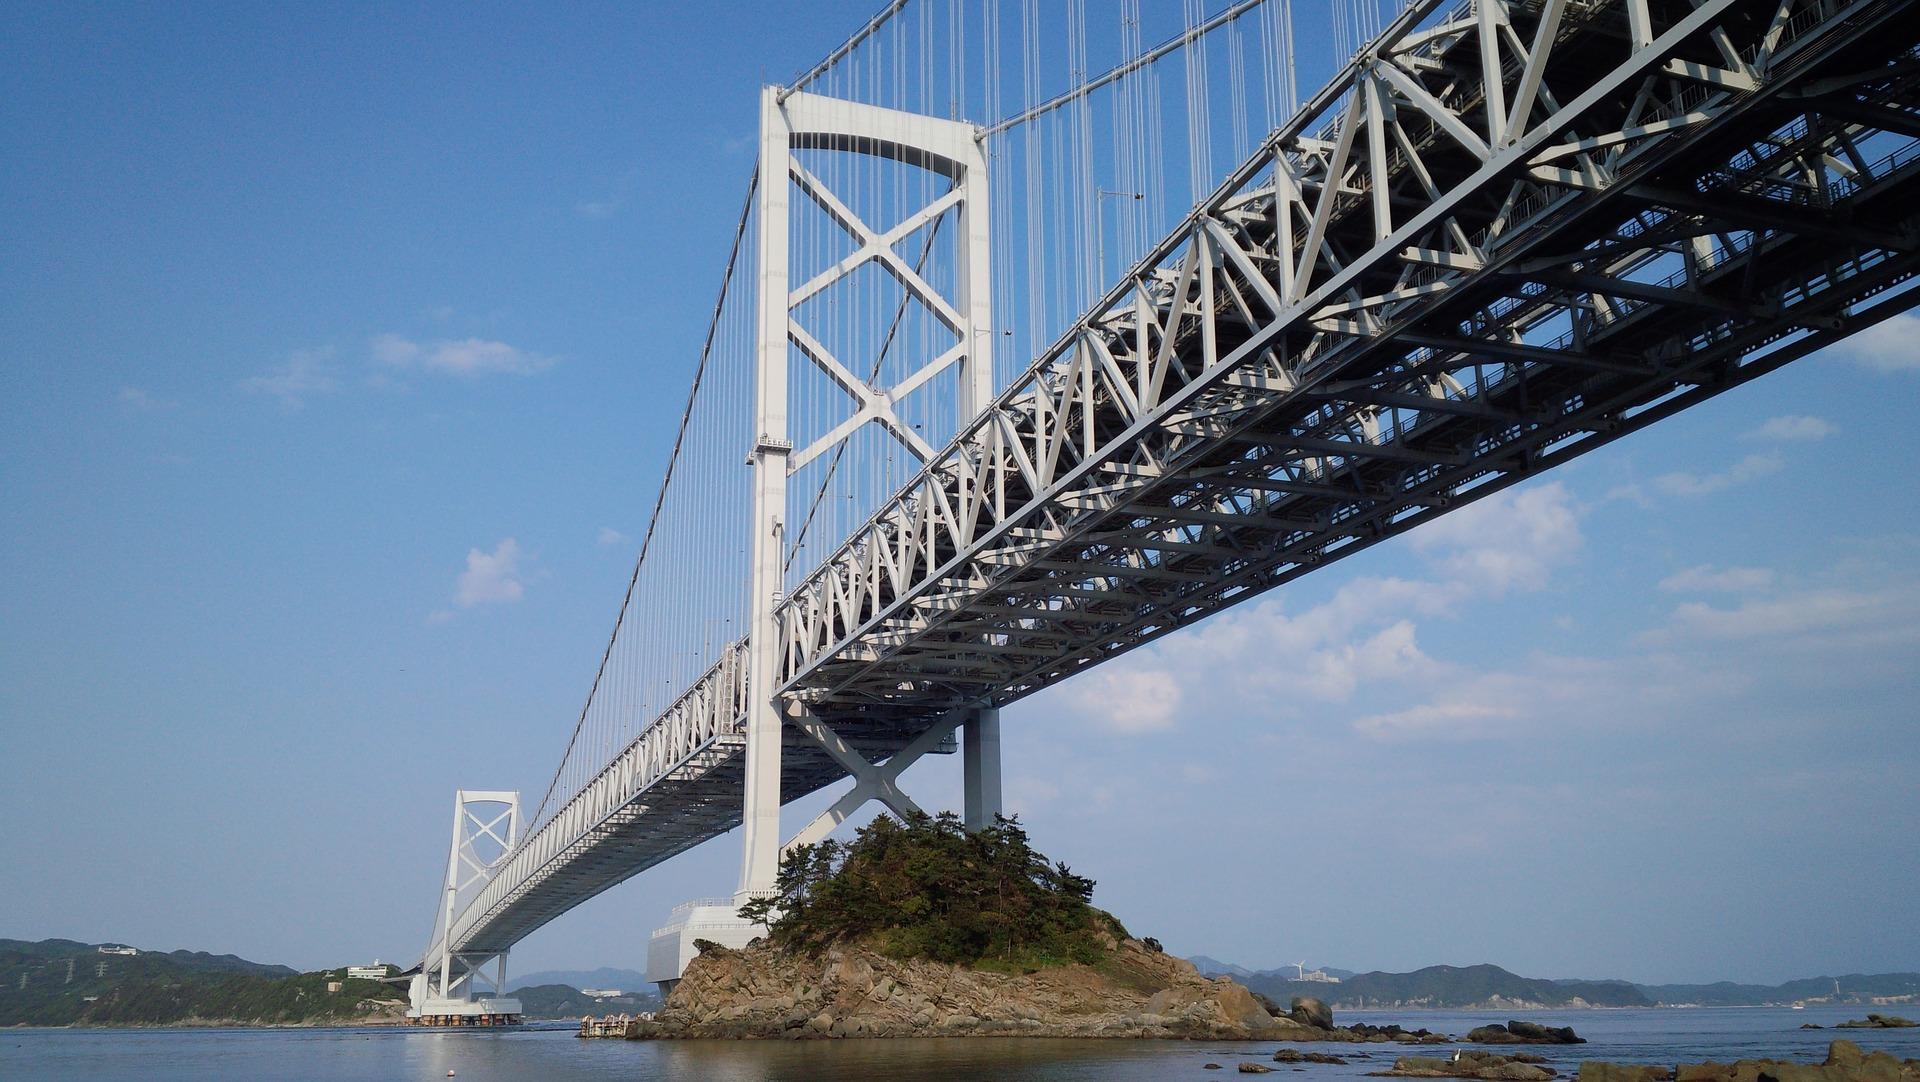 香川◎観光で食べたいおすすめ名物グルメ♪≪四国地方・香川県≫